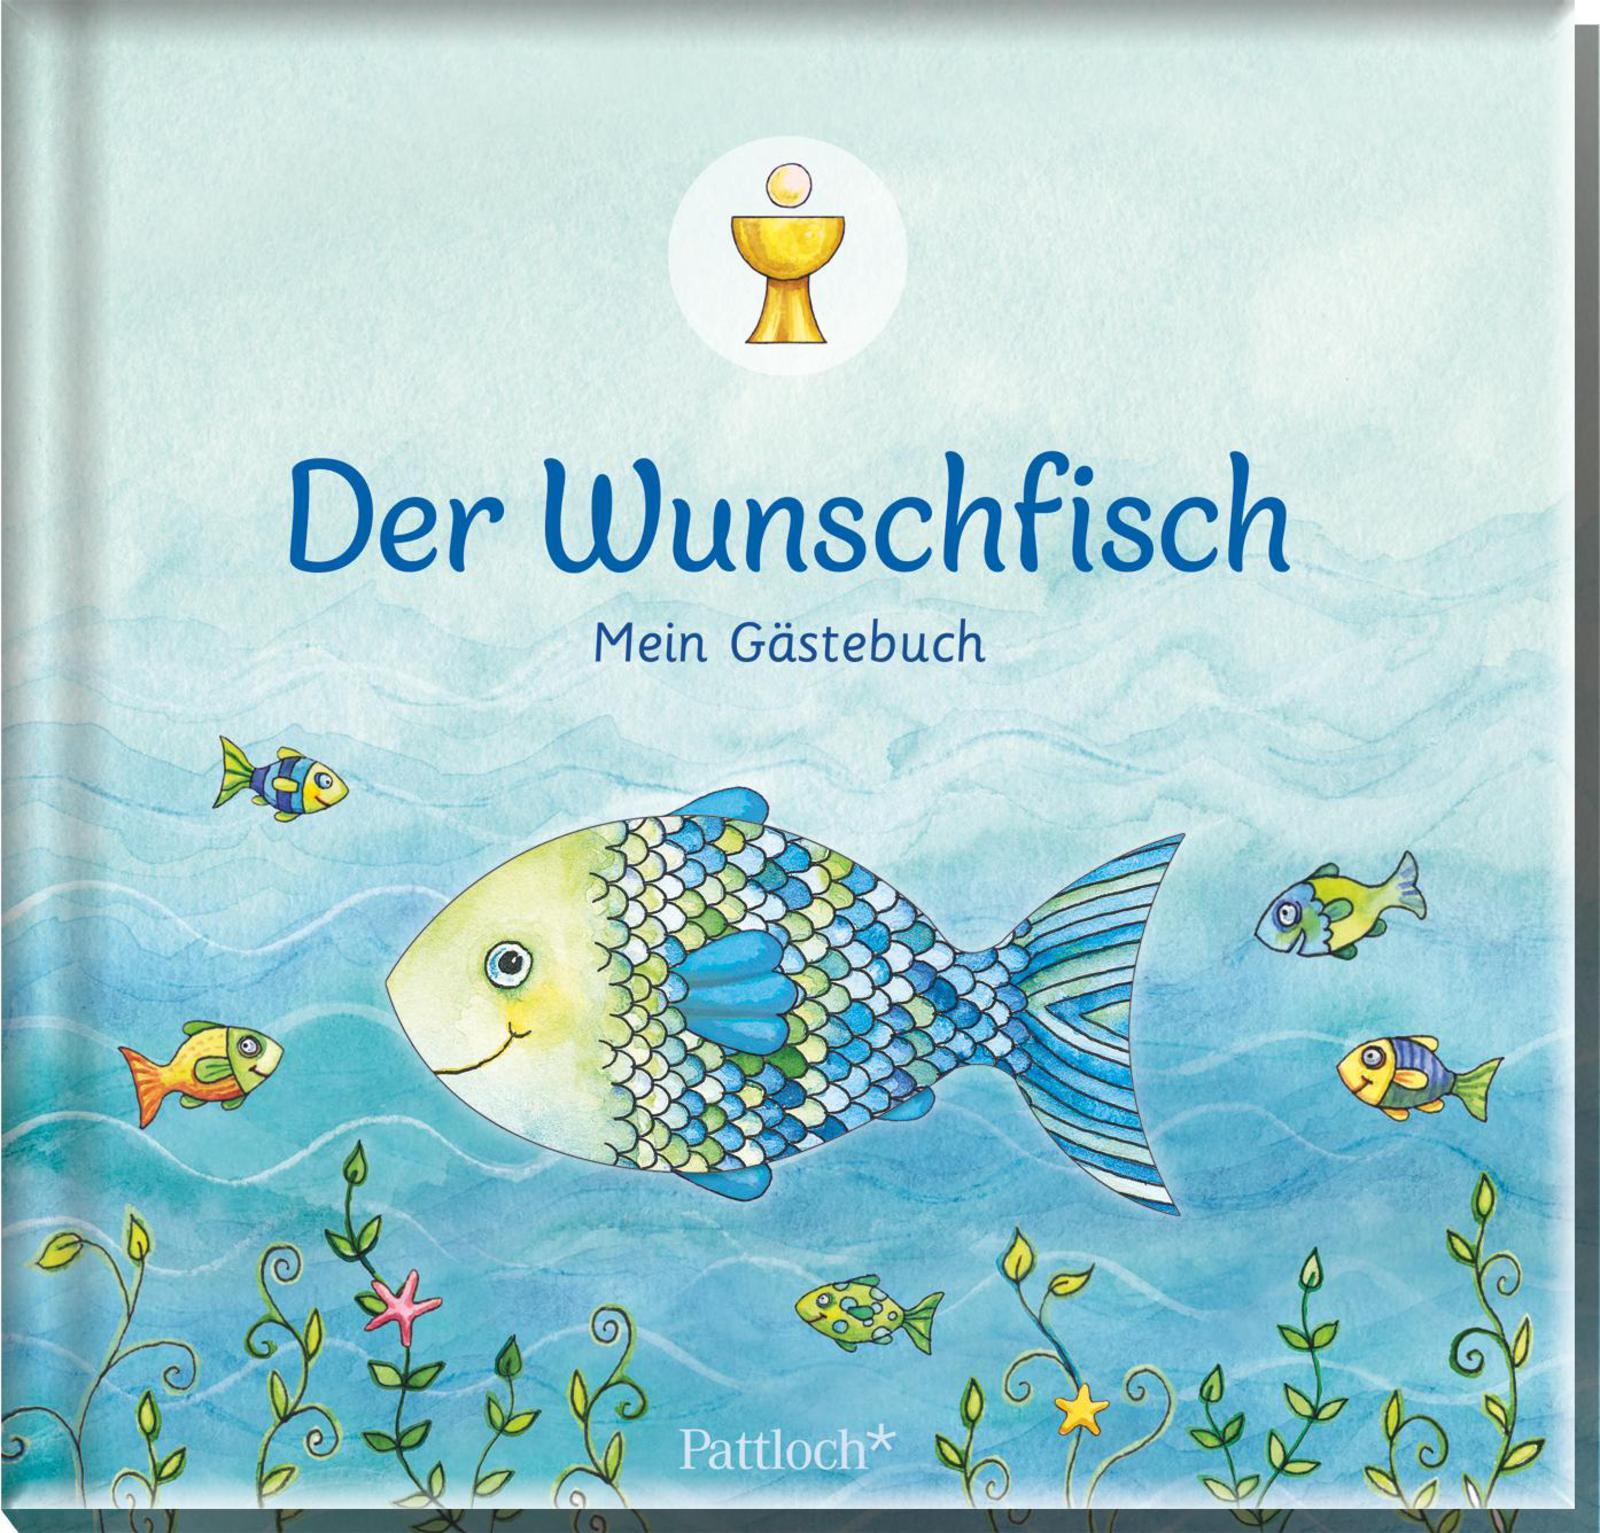 Der Wunschfisch - Mein Gästebuch